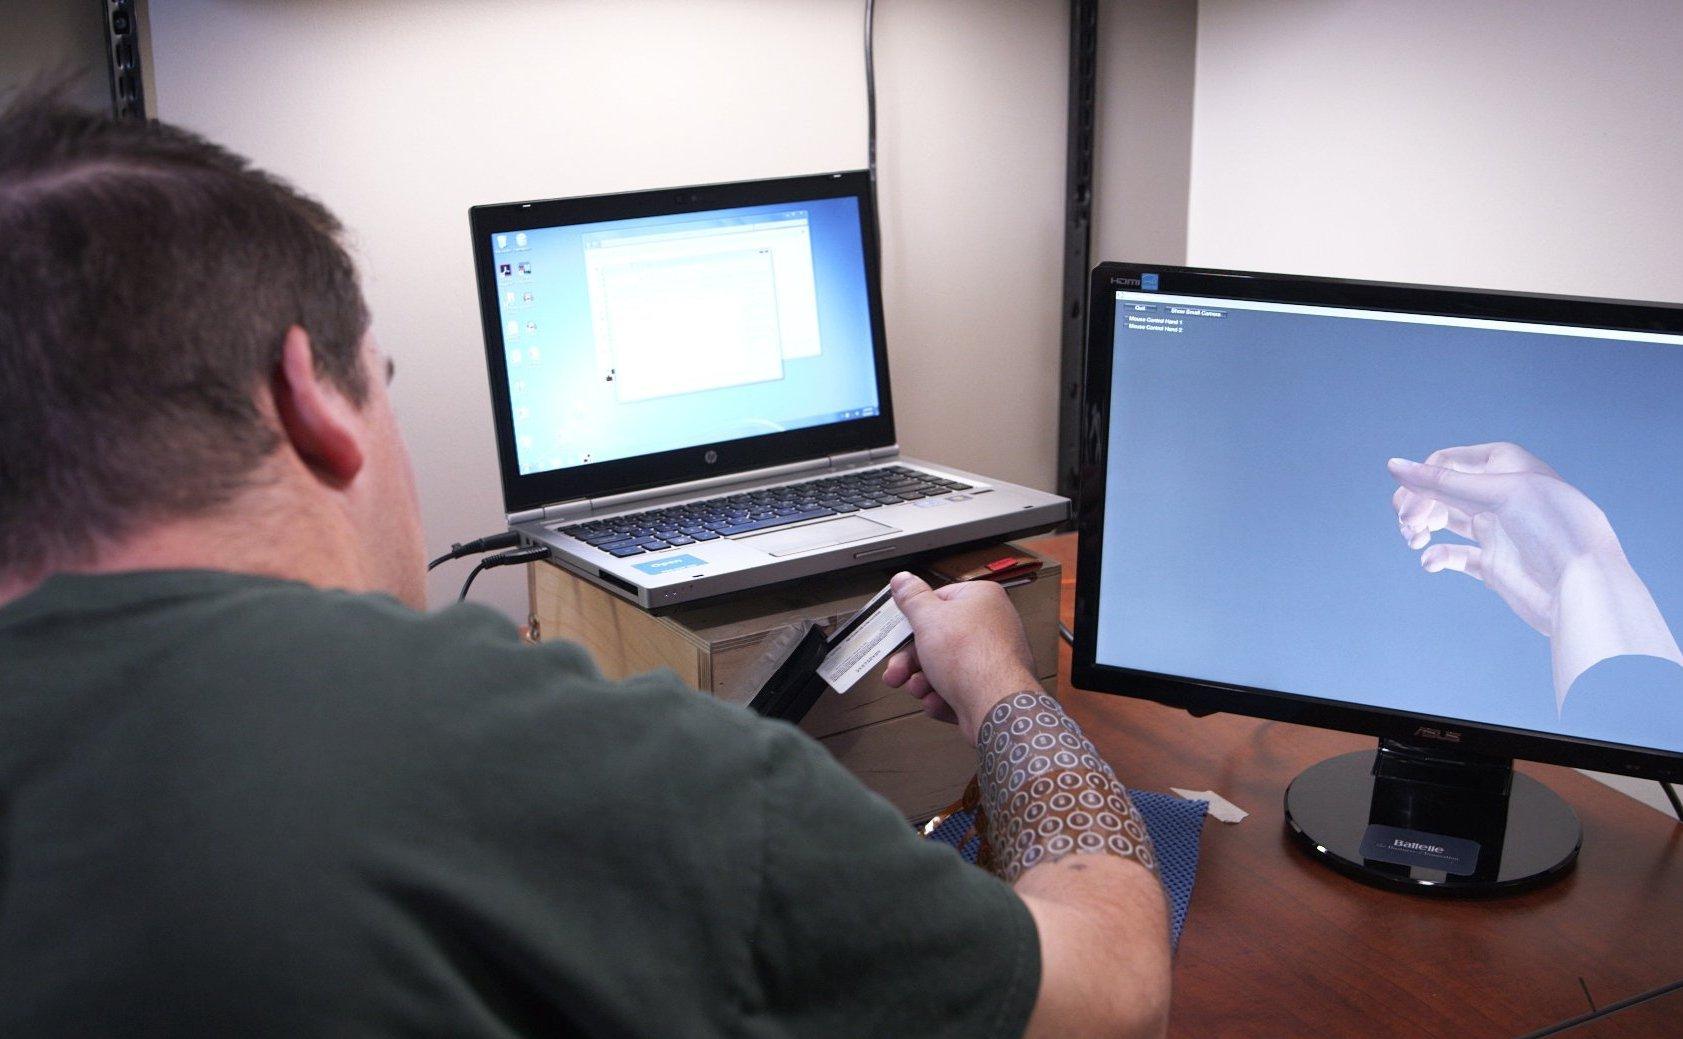 Ian Burkhart, querschnittsgelähmt, kann seine Hände per Gedankensteuerung wieder so bewegen, dass es ihm möglich ist,eine Kreditkarte durch ein Lesegerät zu ziehen.